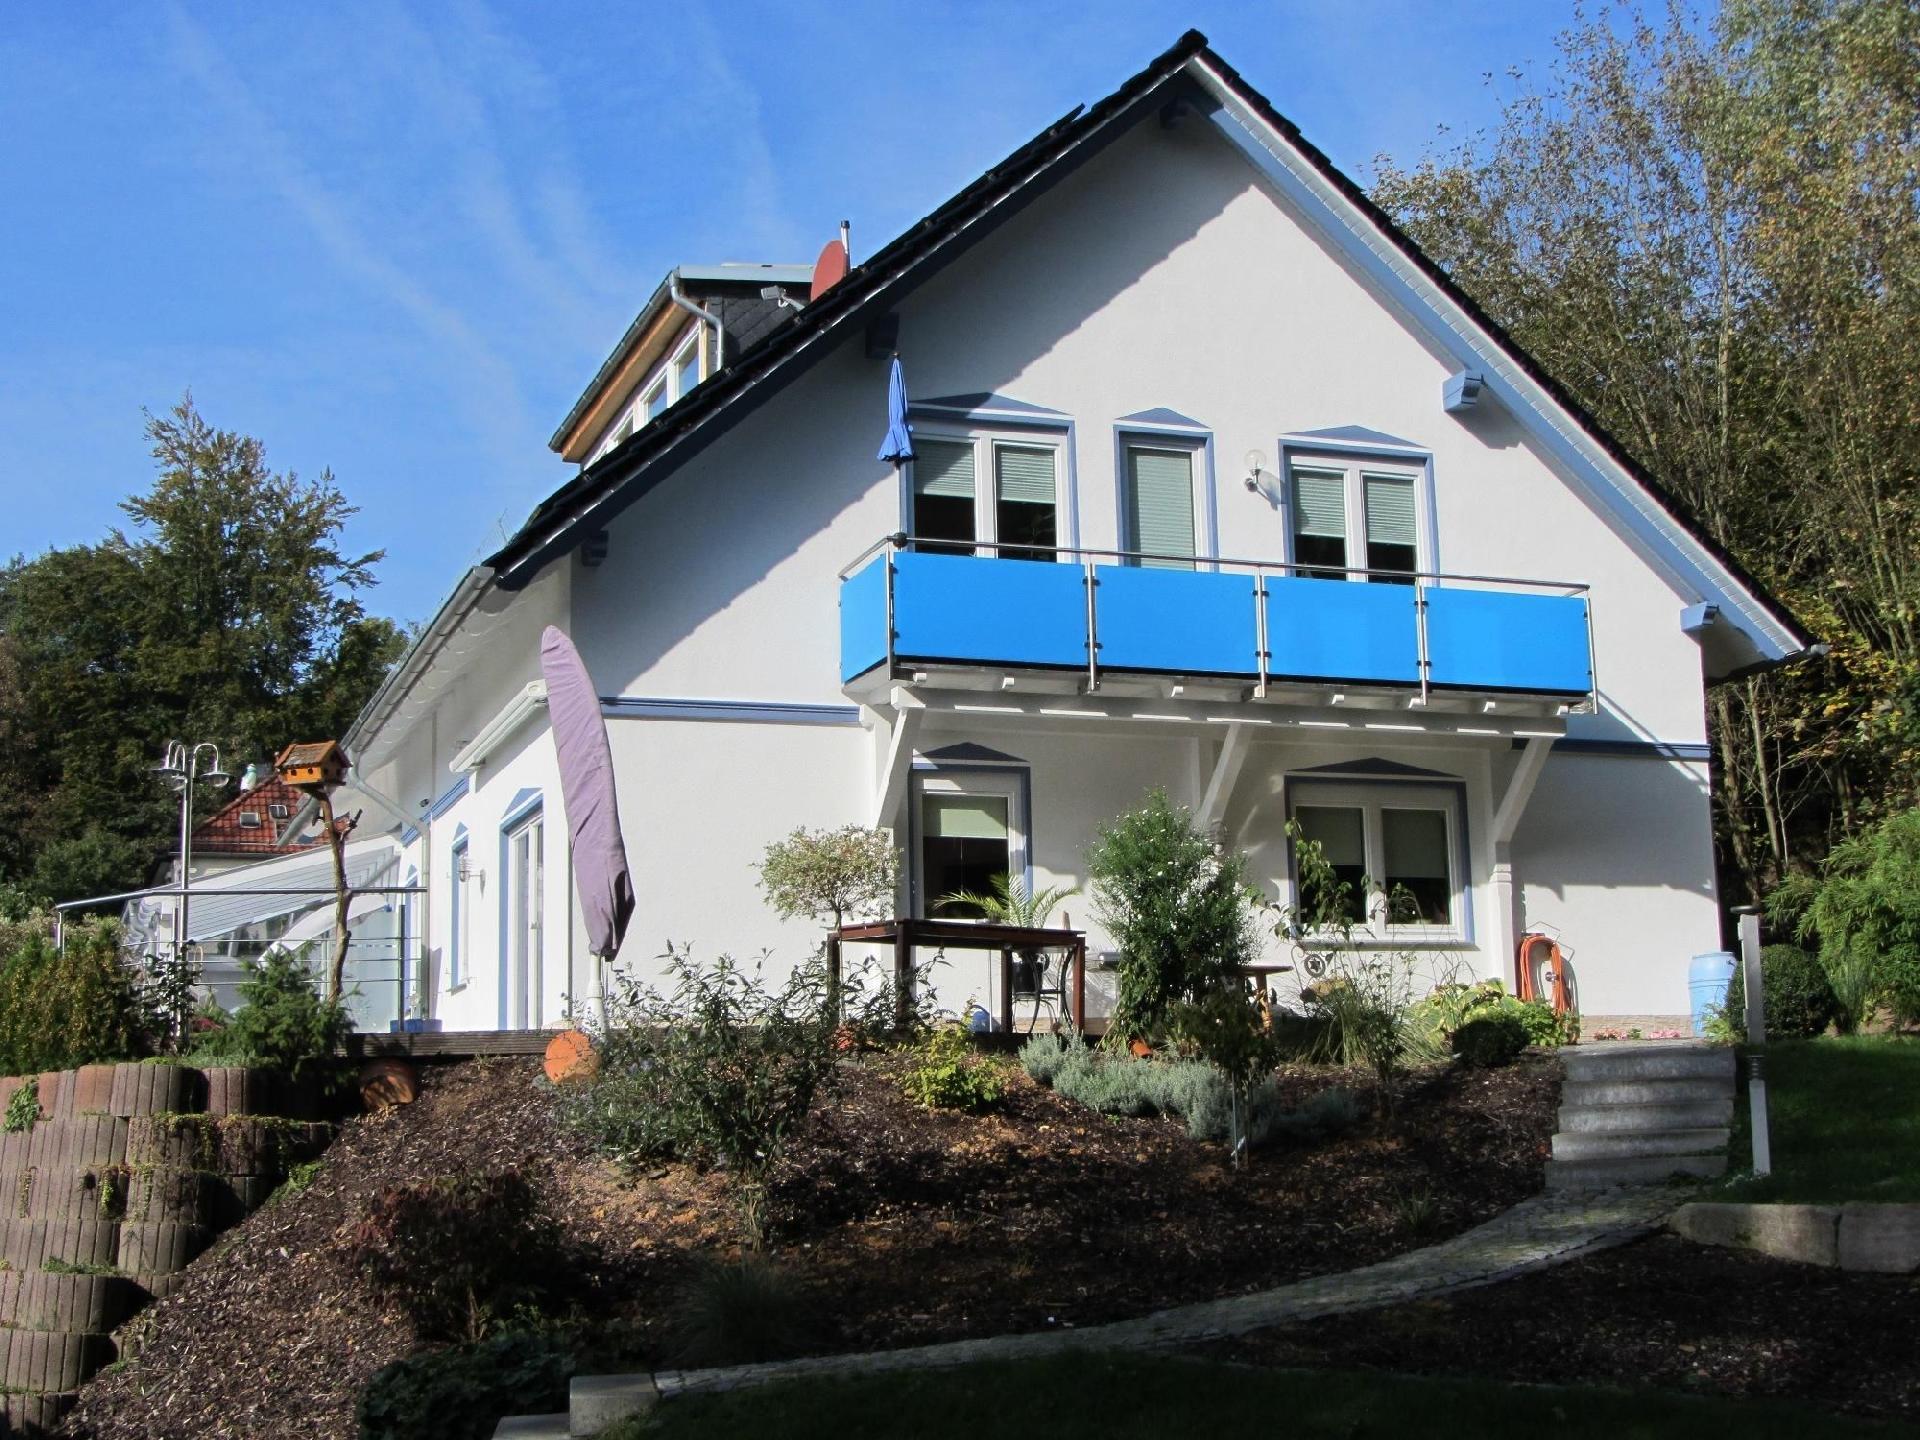 Ferienhaus für 4 Personen  + 2 Kinder ca. 100  im Harz